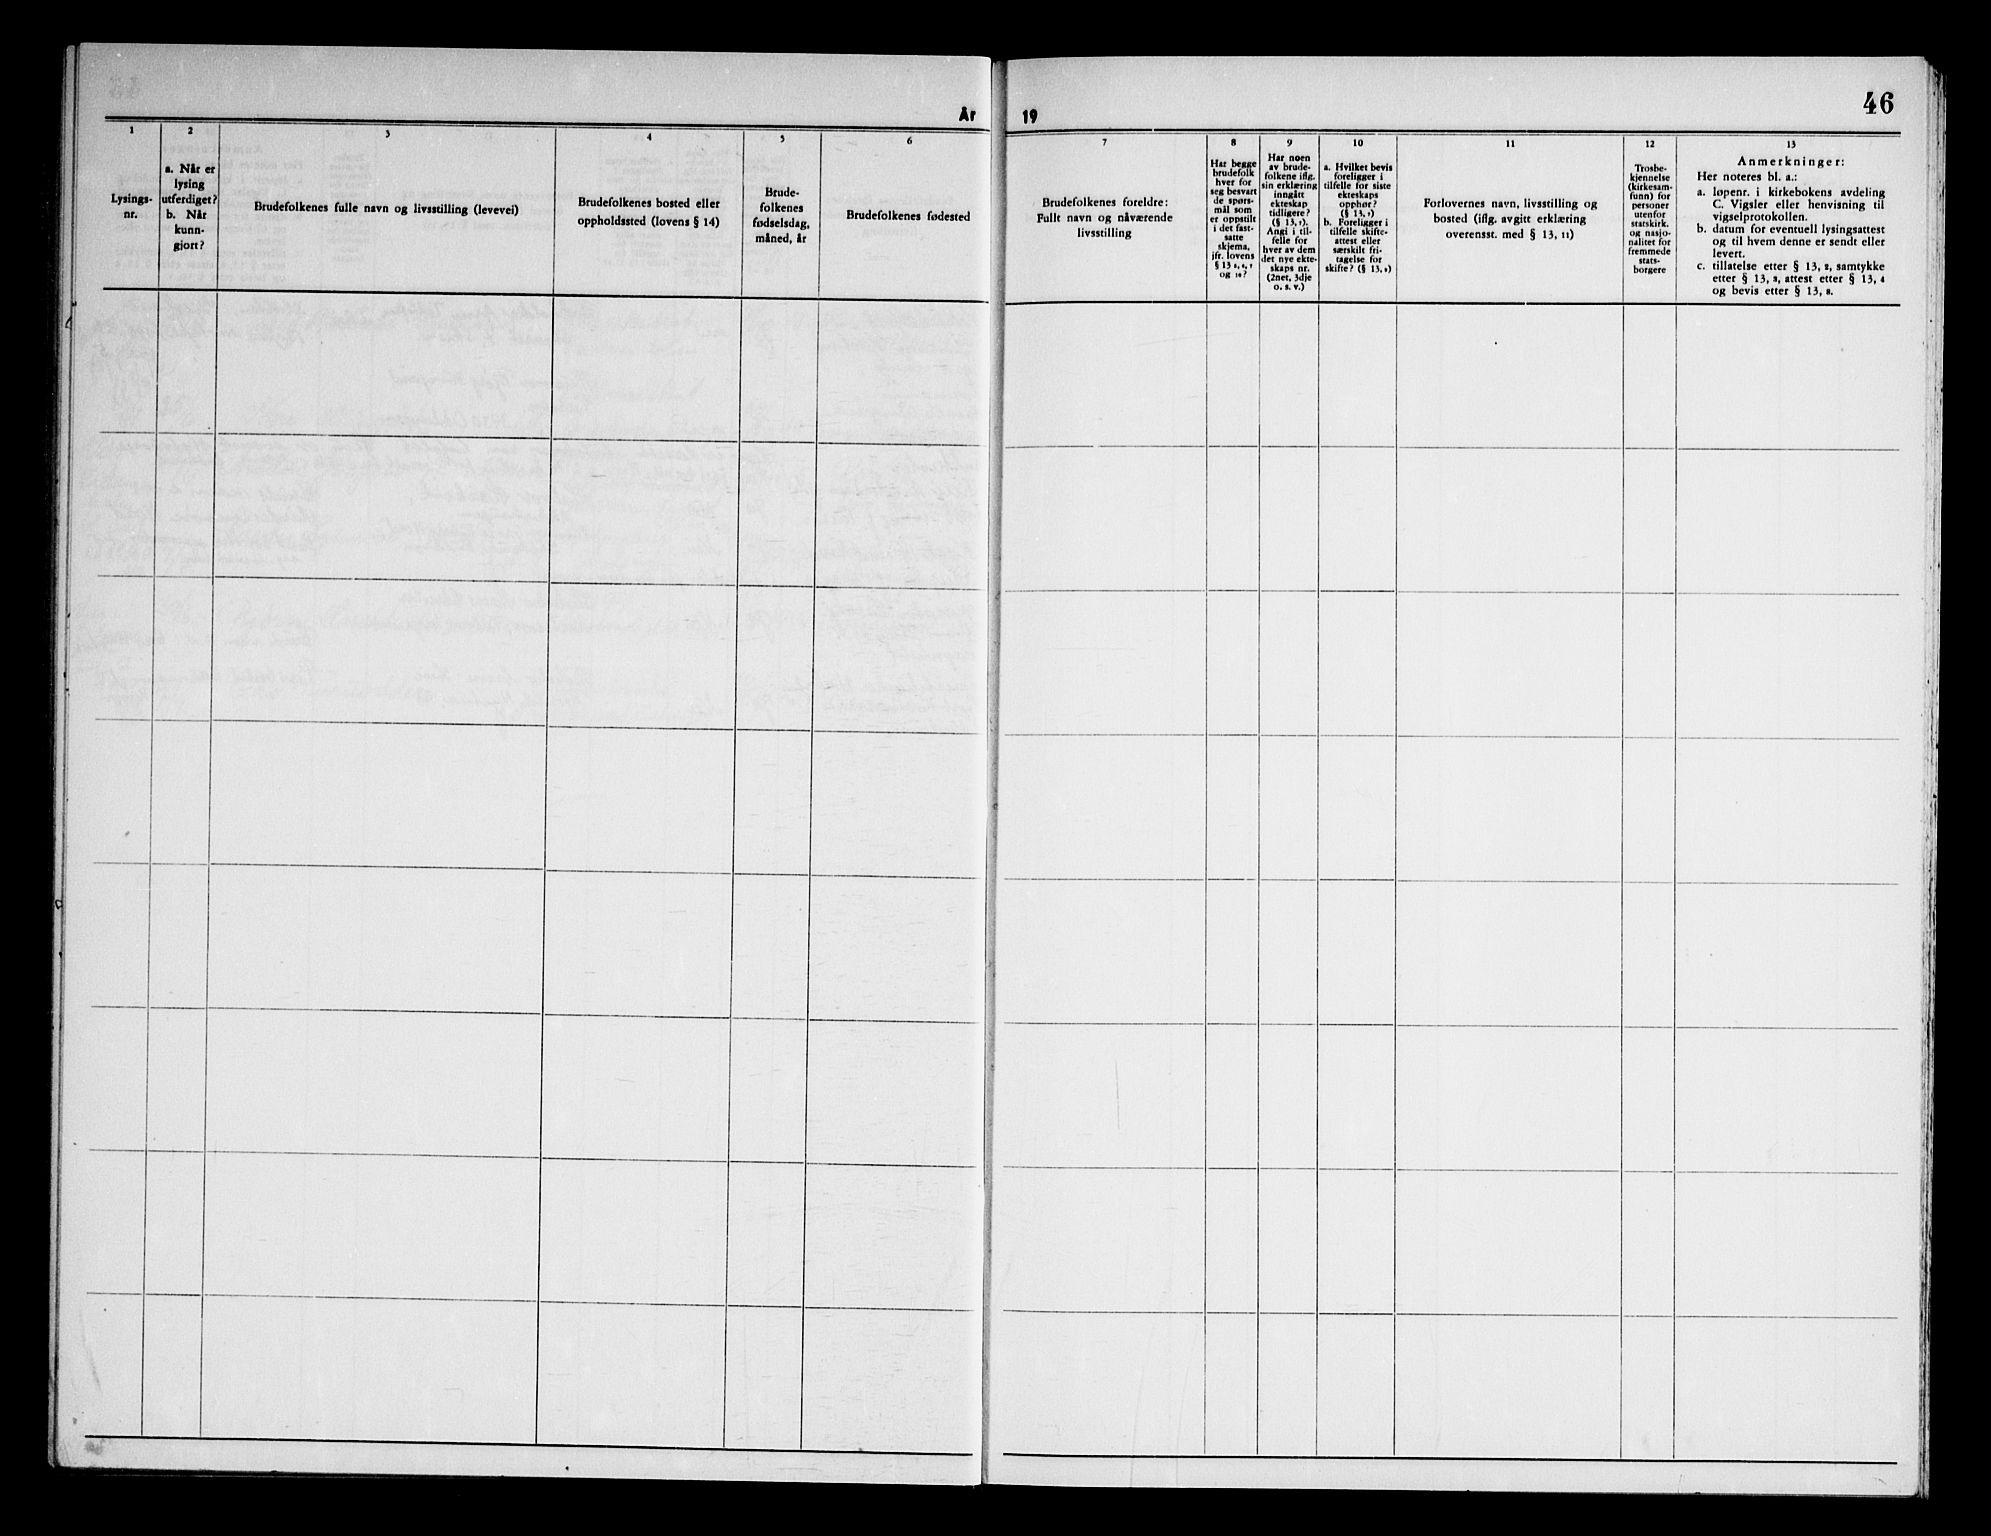 SAKO, Eidanger kirkebøker, H/Ha/L0005: Lysningsprotokoll nr. 5, 1964-1969, s. 46